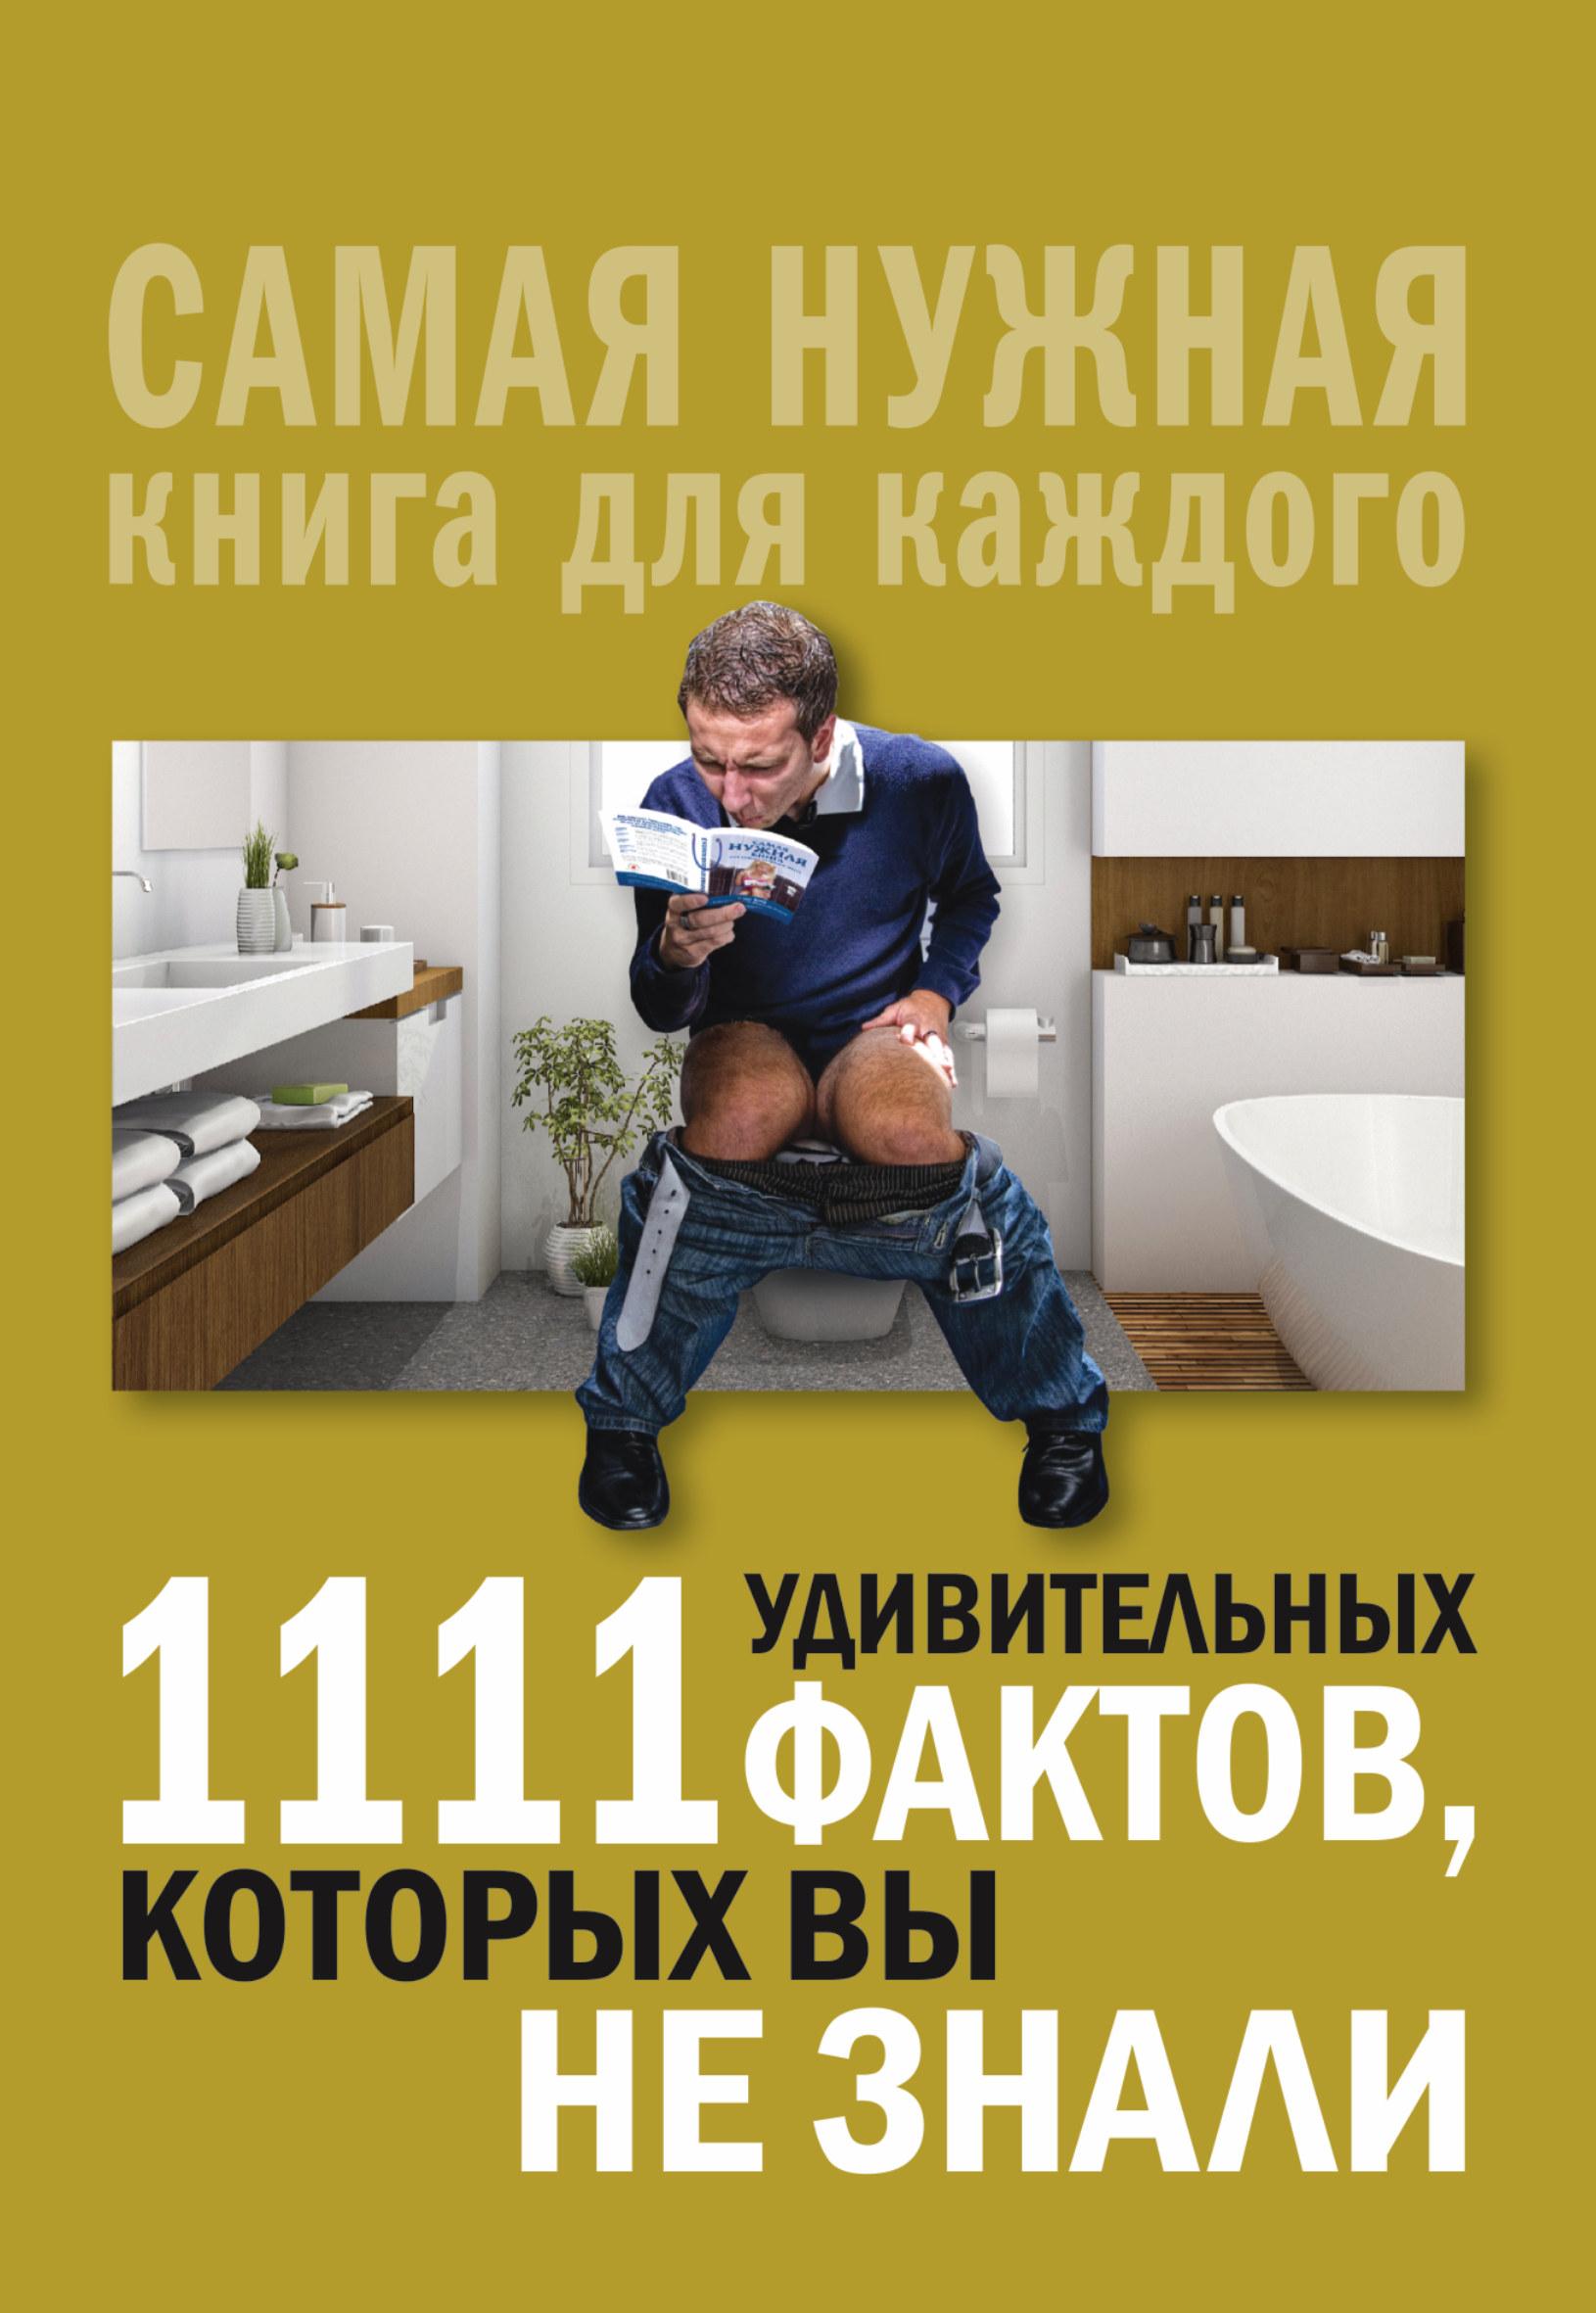 Кремер Л.В. 1111 удивительных фактов, которых вы не знали